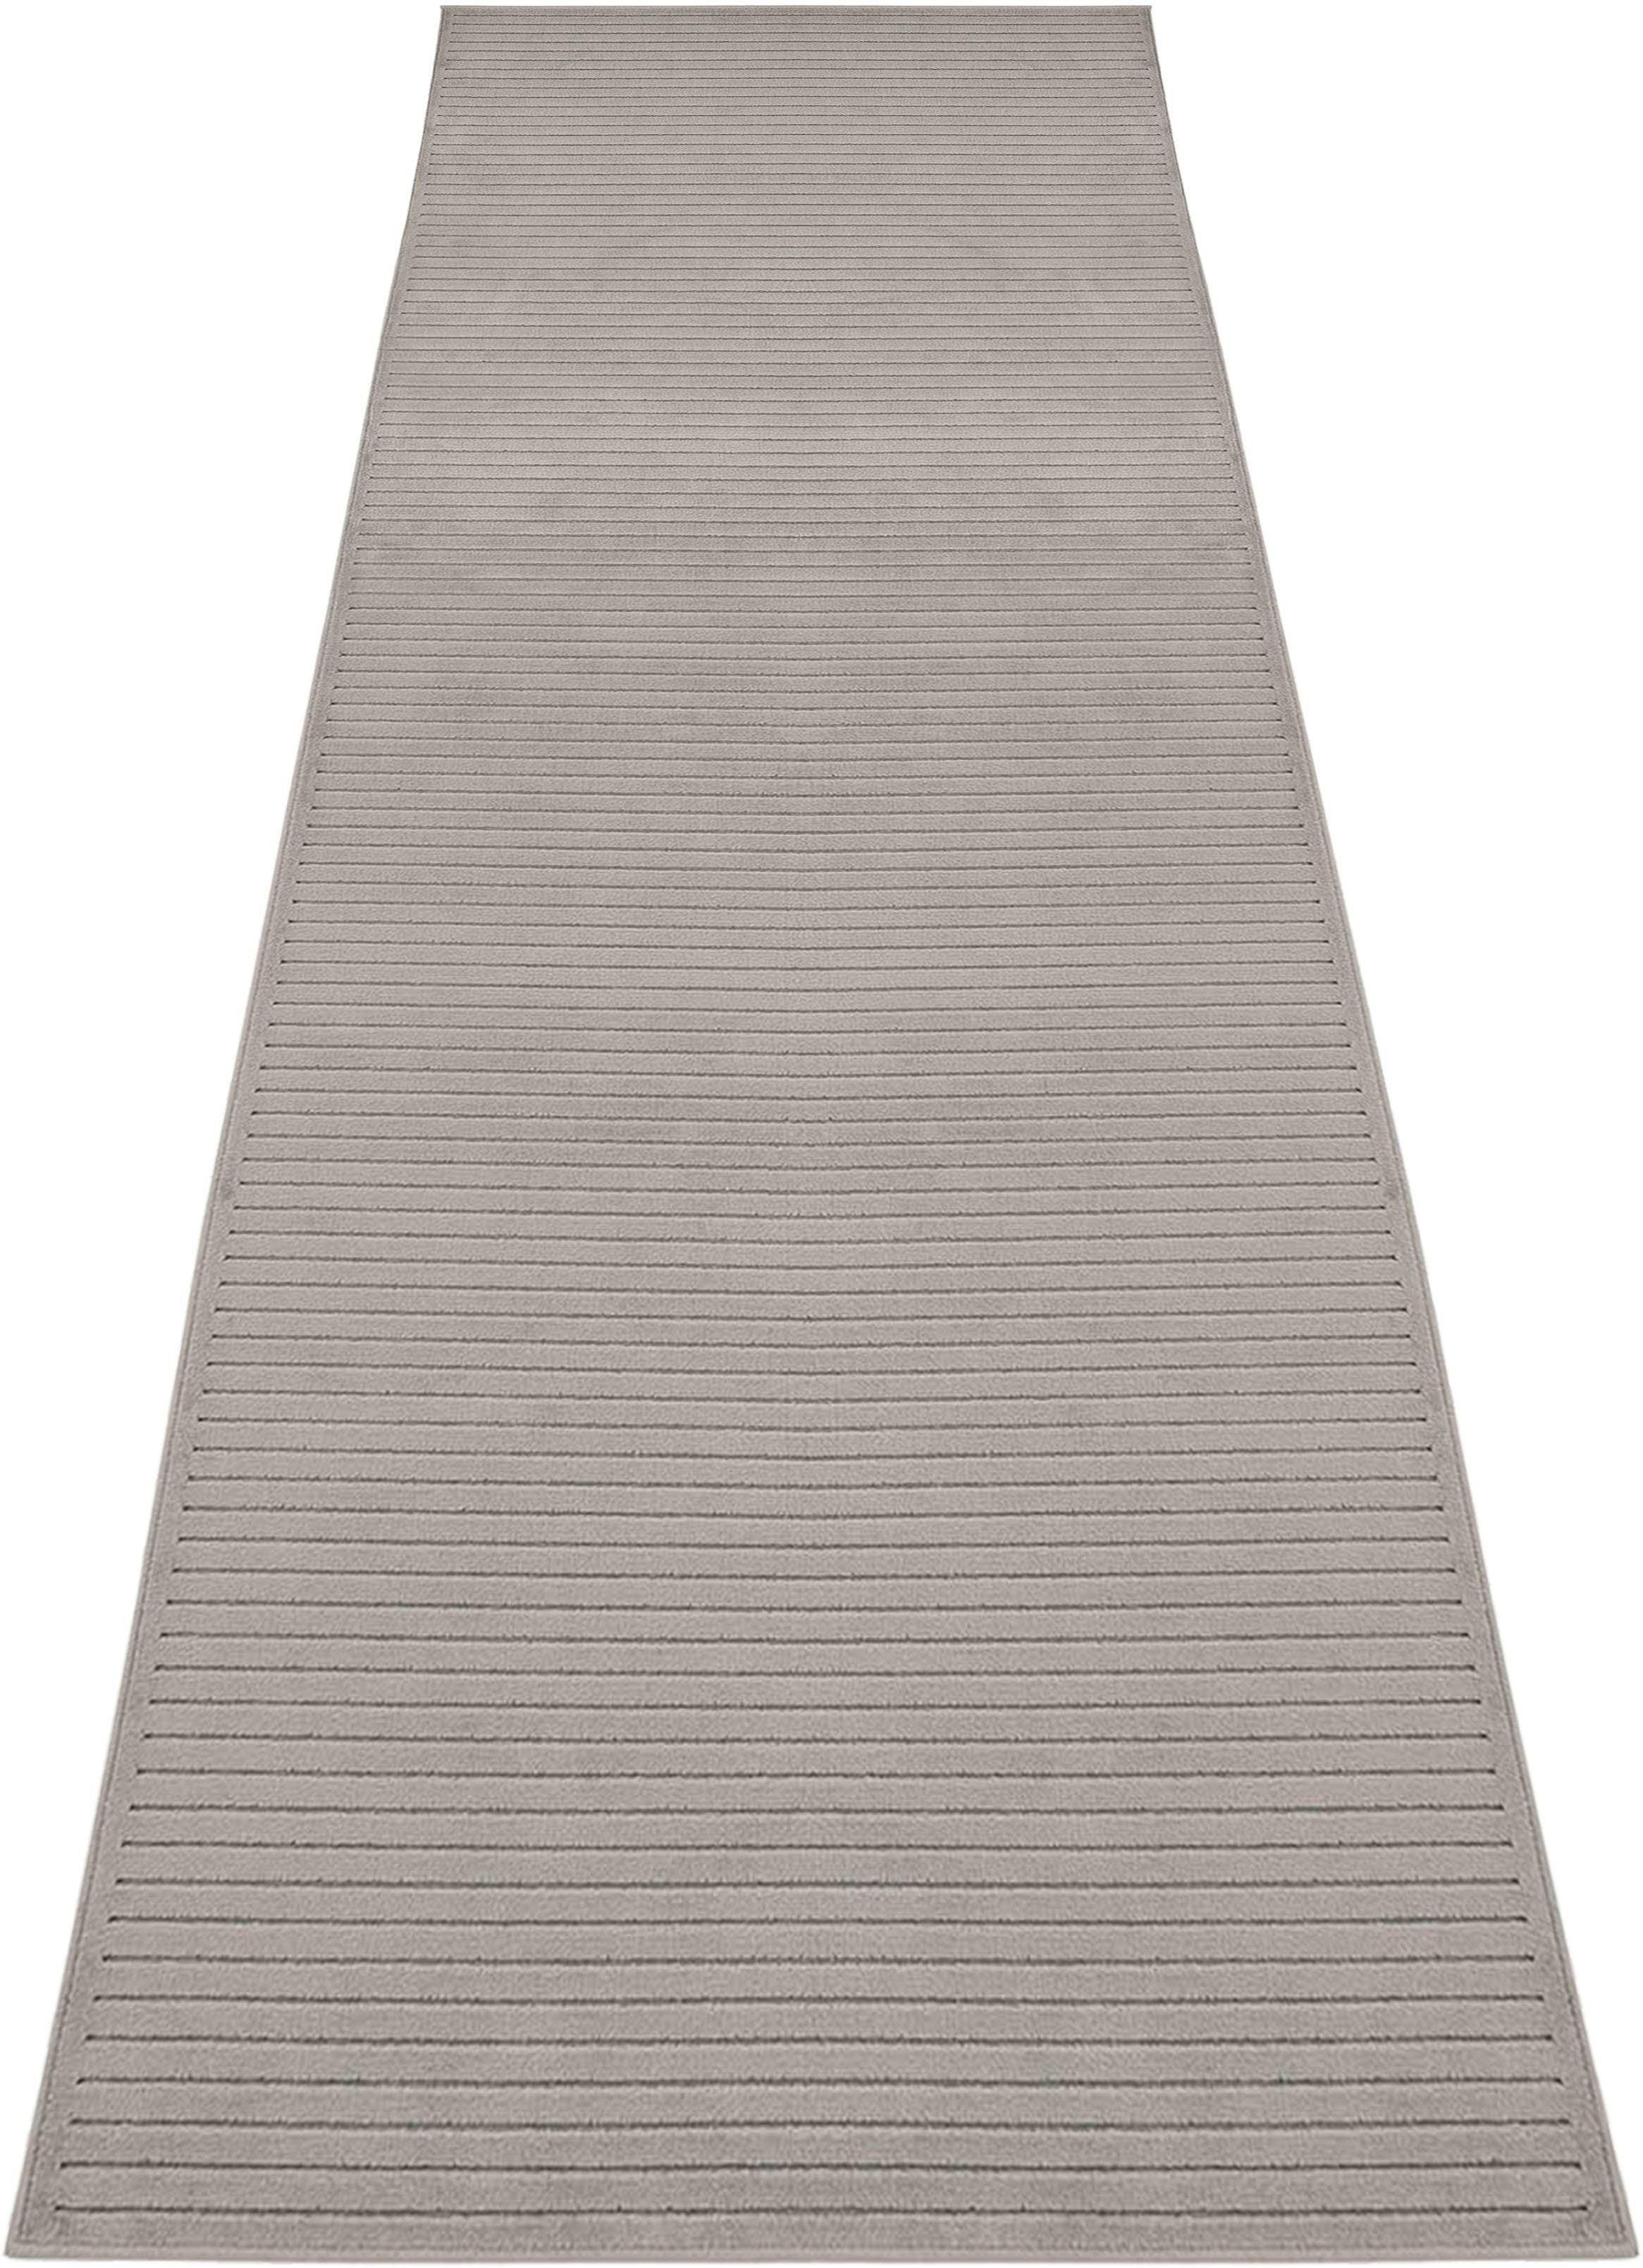 Läufer Hazel MINT RUGS rechteckig Höhe 4 mm maschinell gewebt